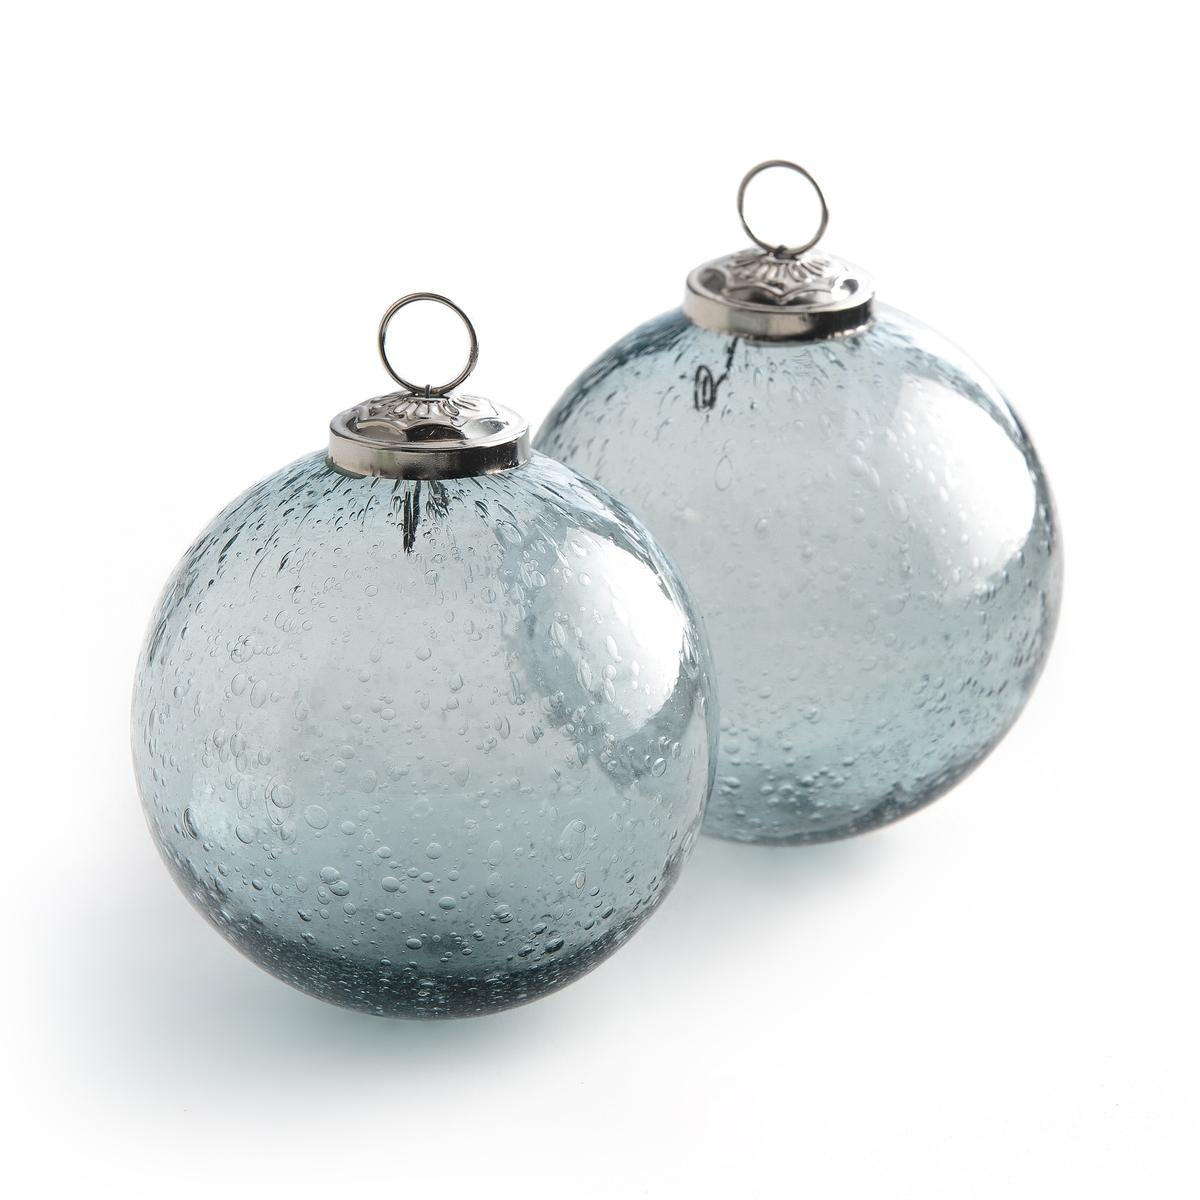 Шар елочный из стекла Ø10 см Edinia (комплект из 2) елочный шар снежное плетение ку 100 11 17 диаметр 10 см